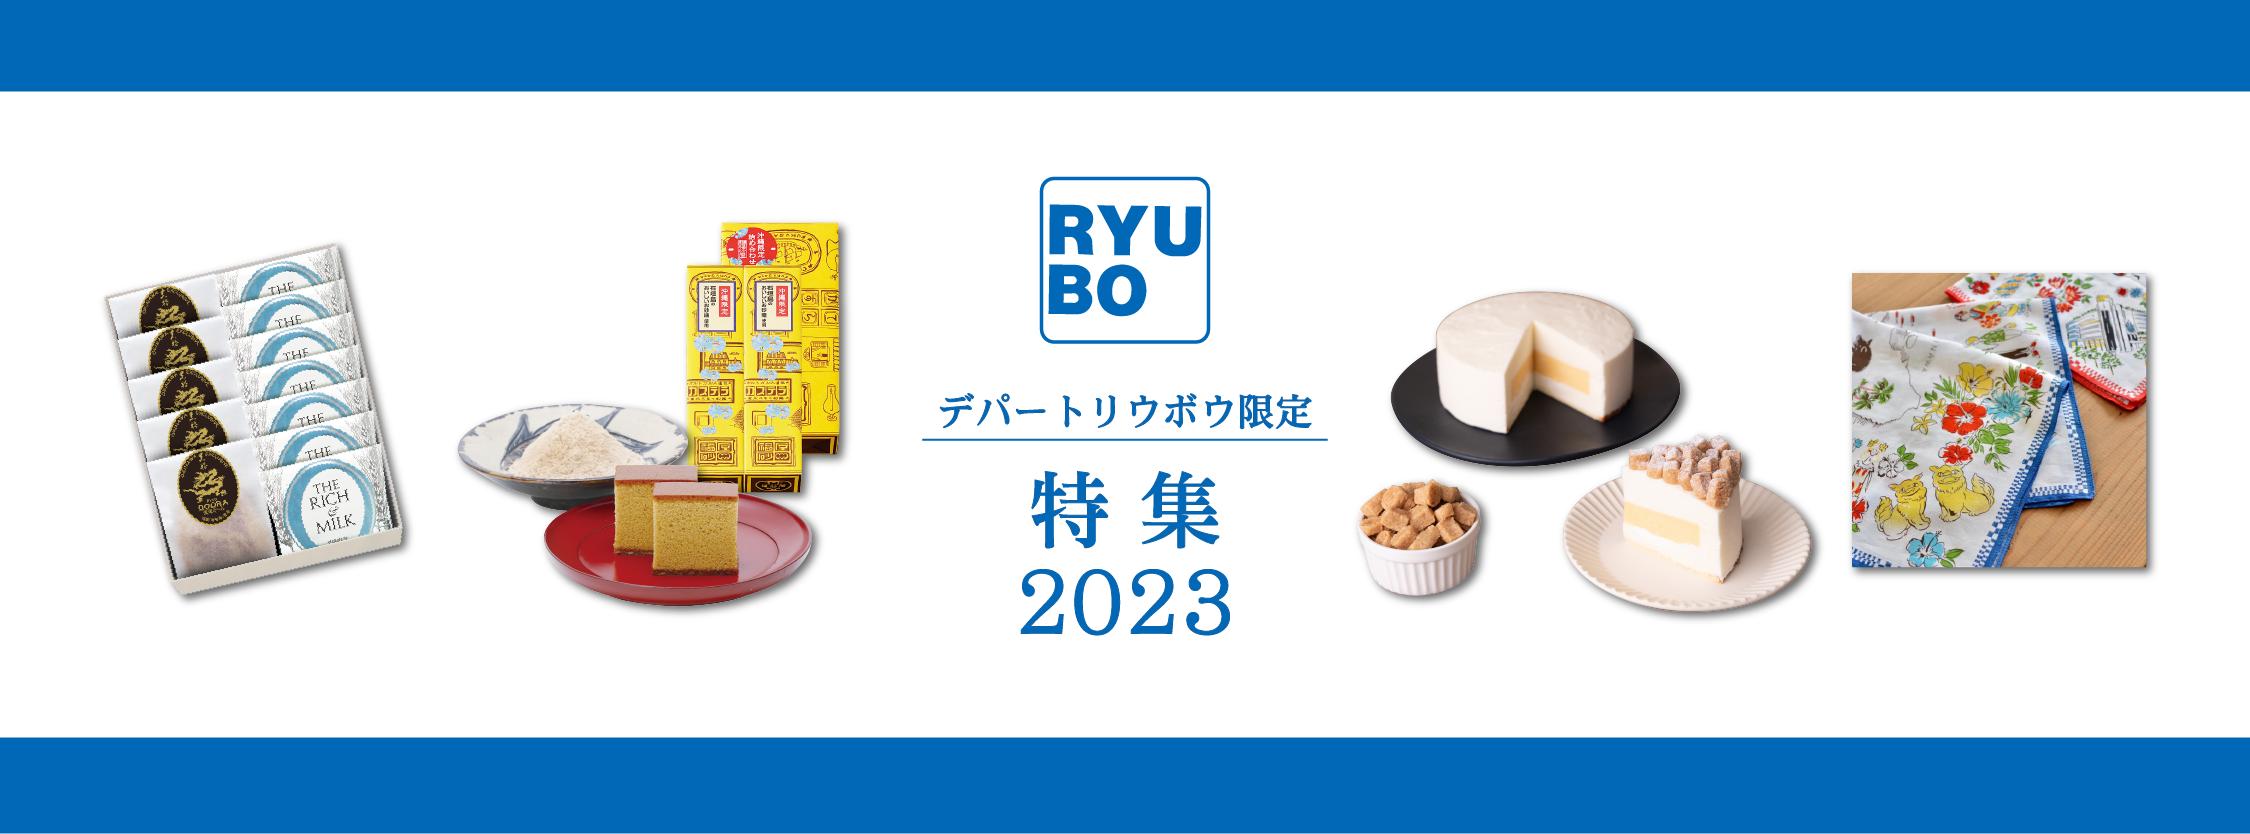 うちな〜むん(沖縄県 県産品)